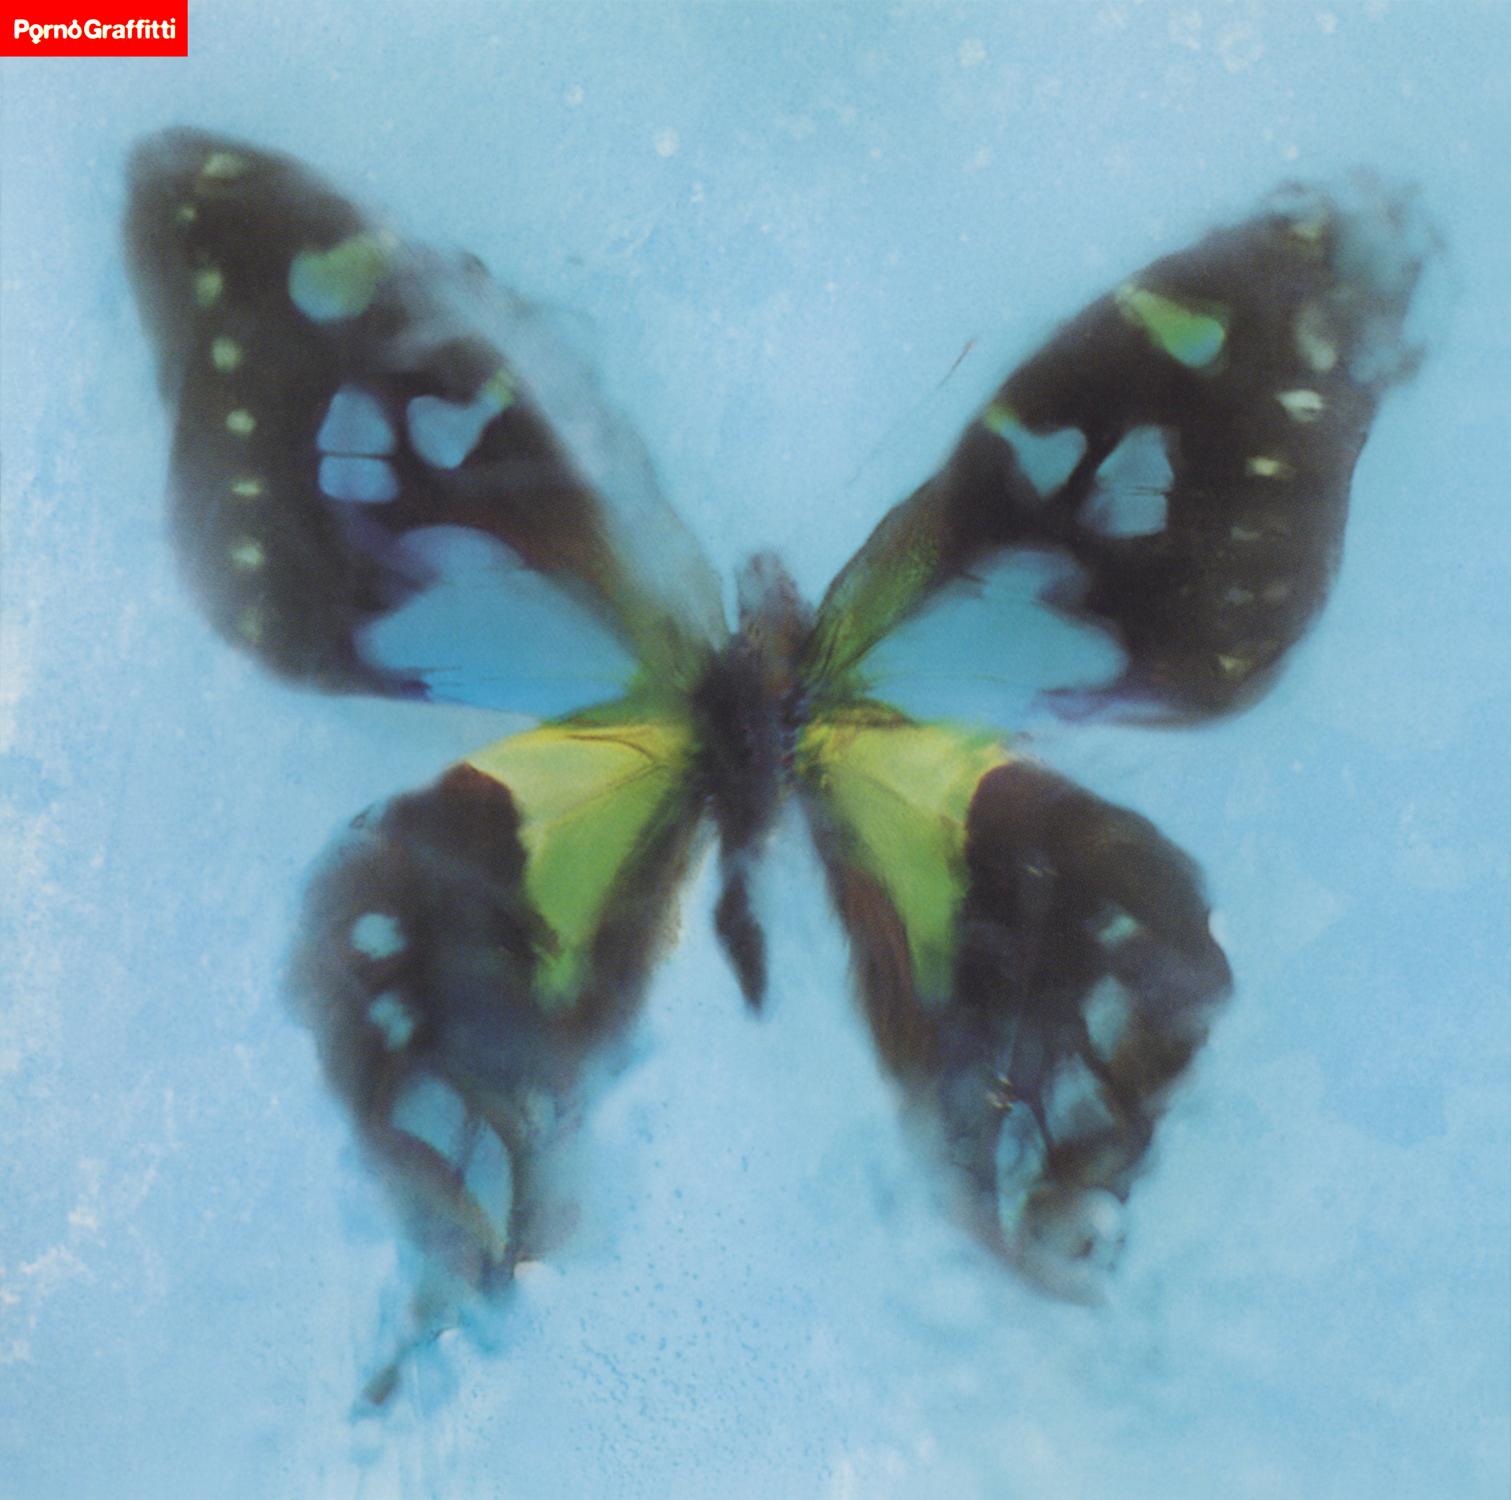 ポルノグラフィティ『アゲハ蝶』の高画質ジャケット画像